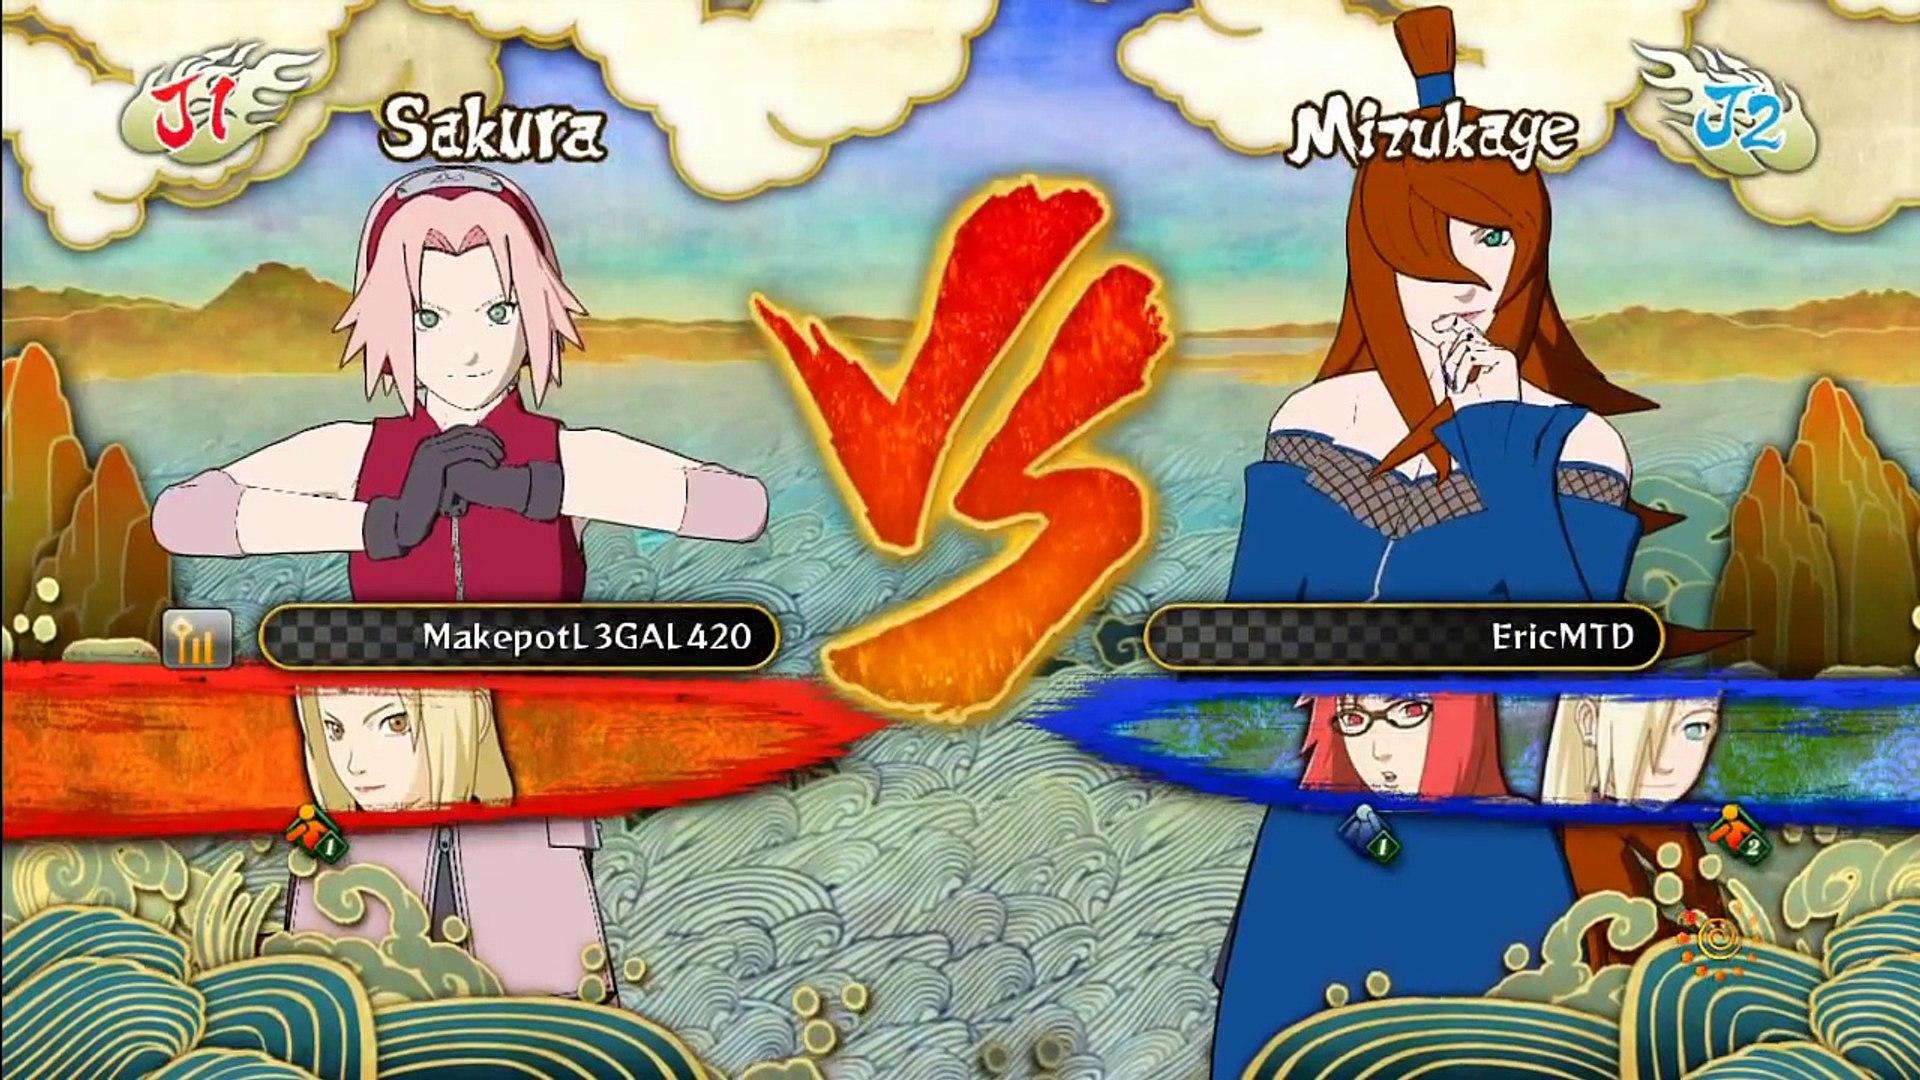 Е е е и е я я я и в матчи Наруто ниндзя Онлайн Пор ранг Революция Буря RANKED игры